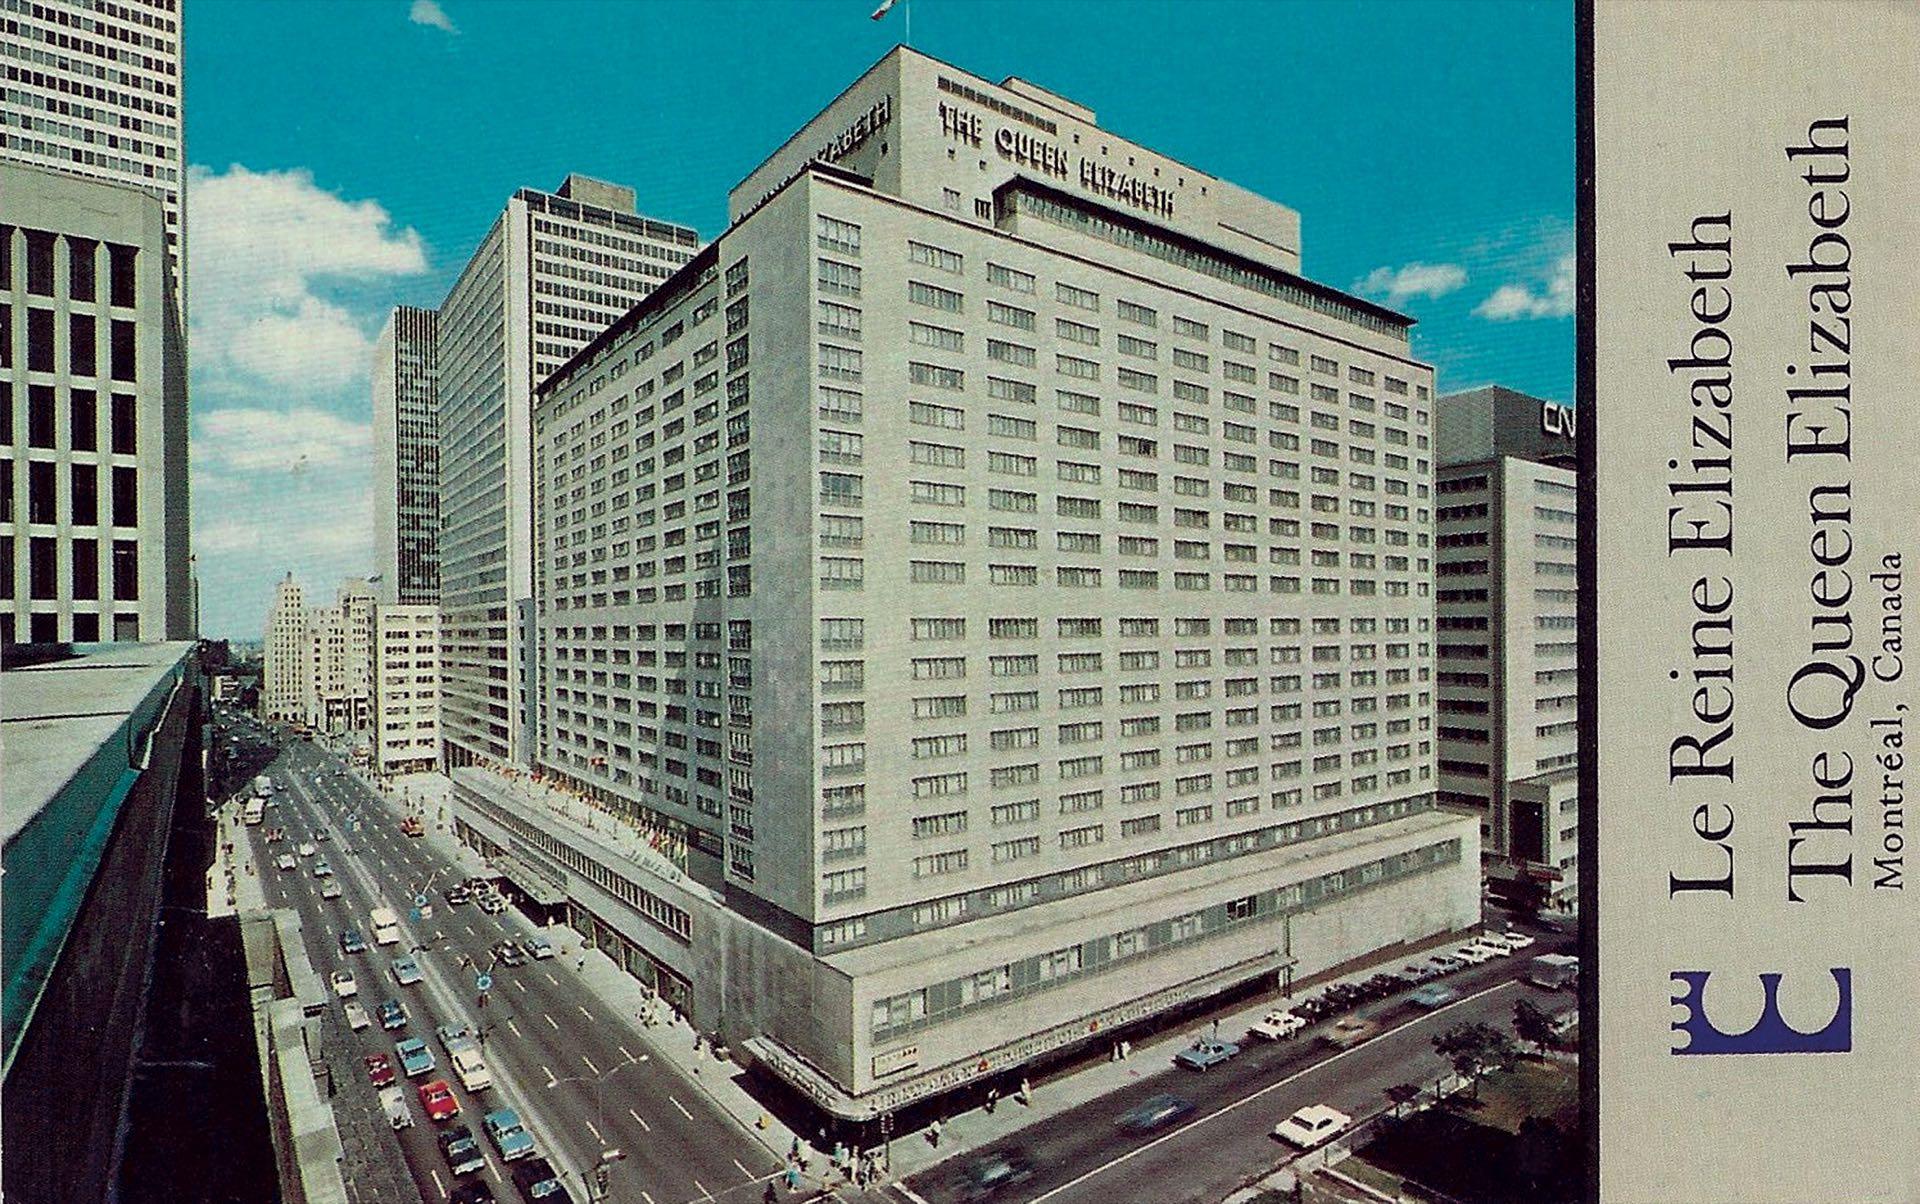 Pasaron la semana en la parte superior -piso 17- del edificio erigido en el 900 de René-Lévesque Boulevard W, Montreal, Quebec. Este cinco estrellas en la actualidad pertenece a la cadena Fairmont.